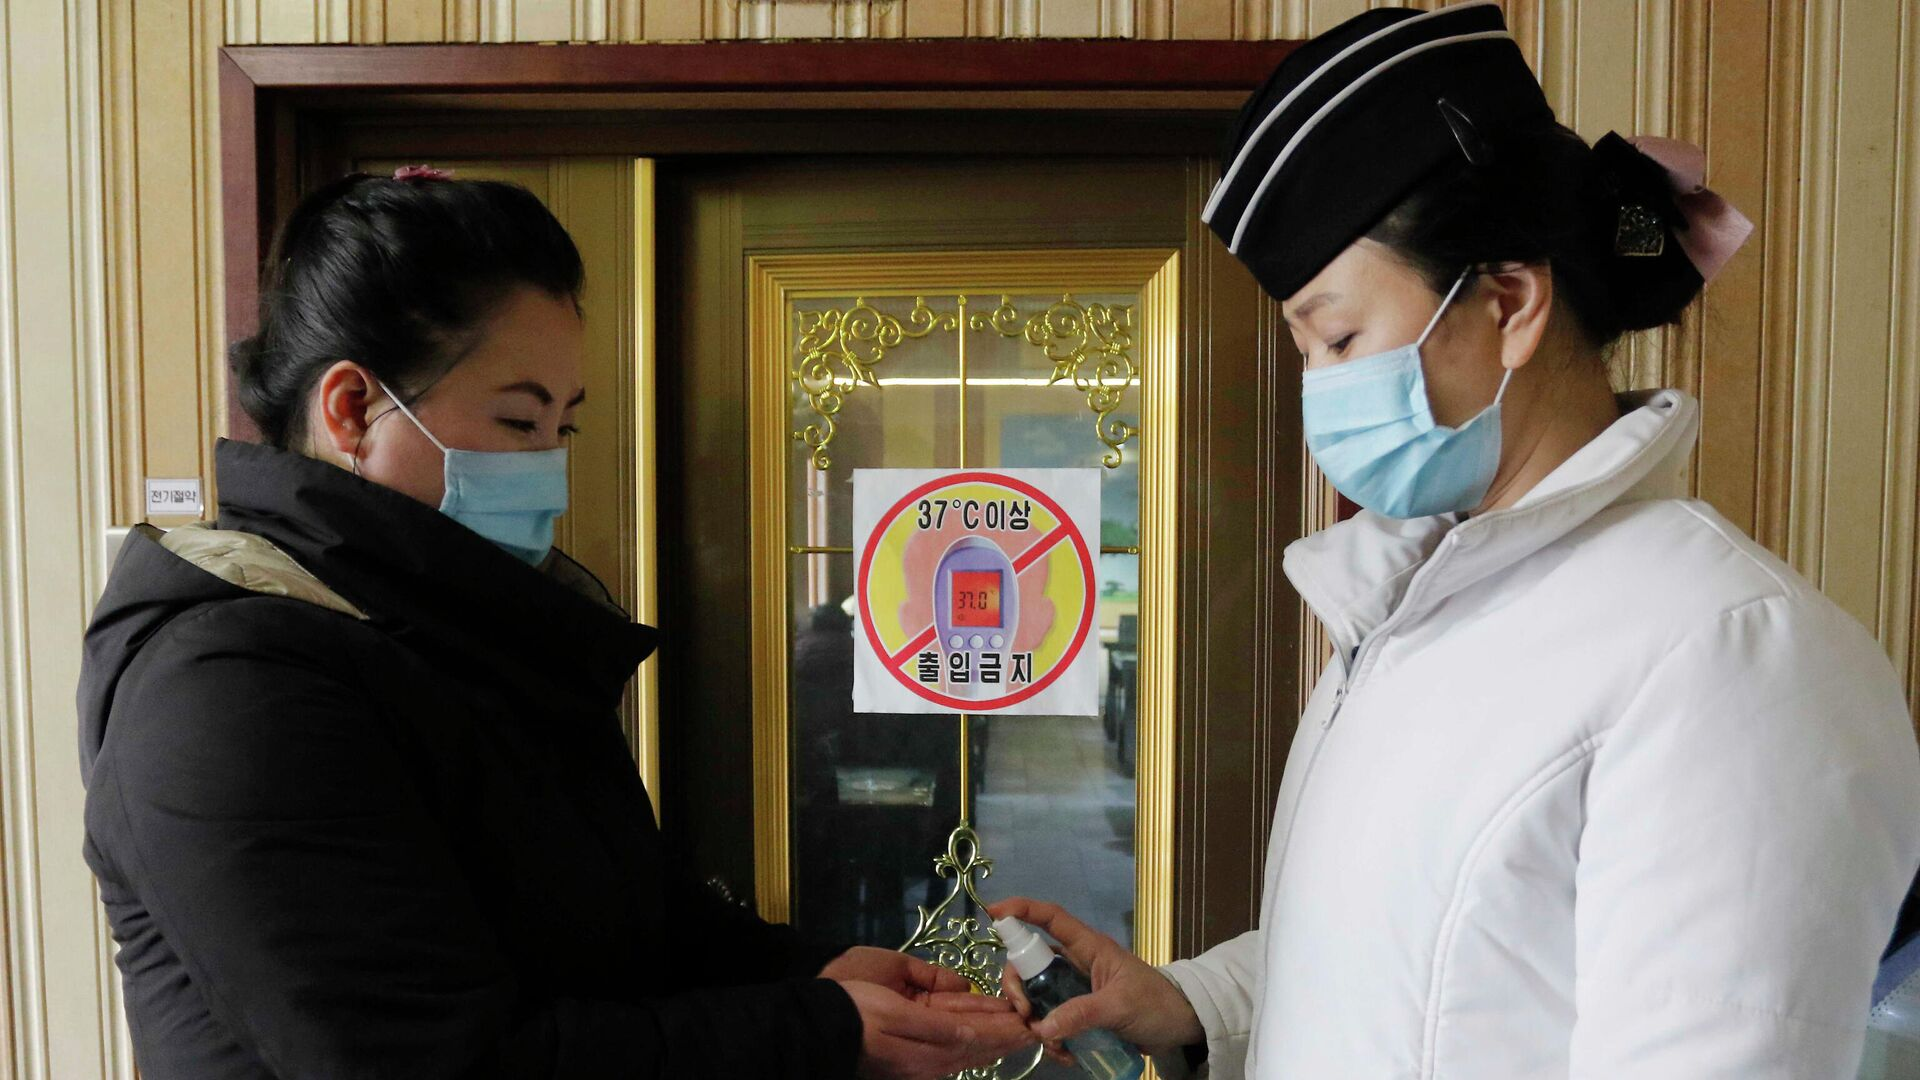 Empleada de un restaurante en Pyongyang desinfecta las manos de una clienta - Sputnik Mundo, 1920, 19.05.2021